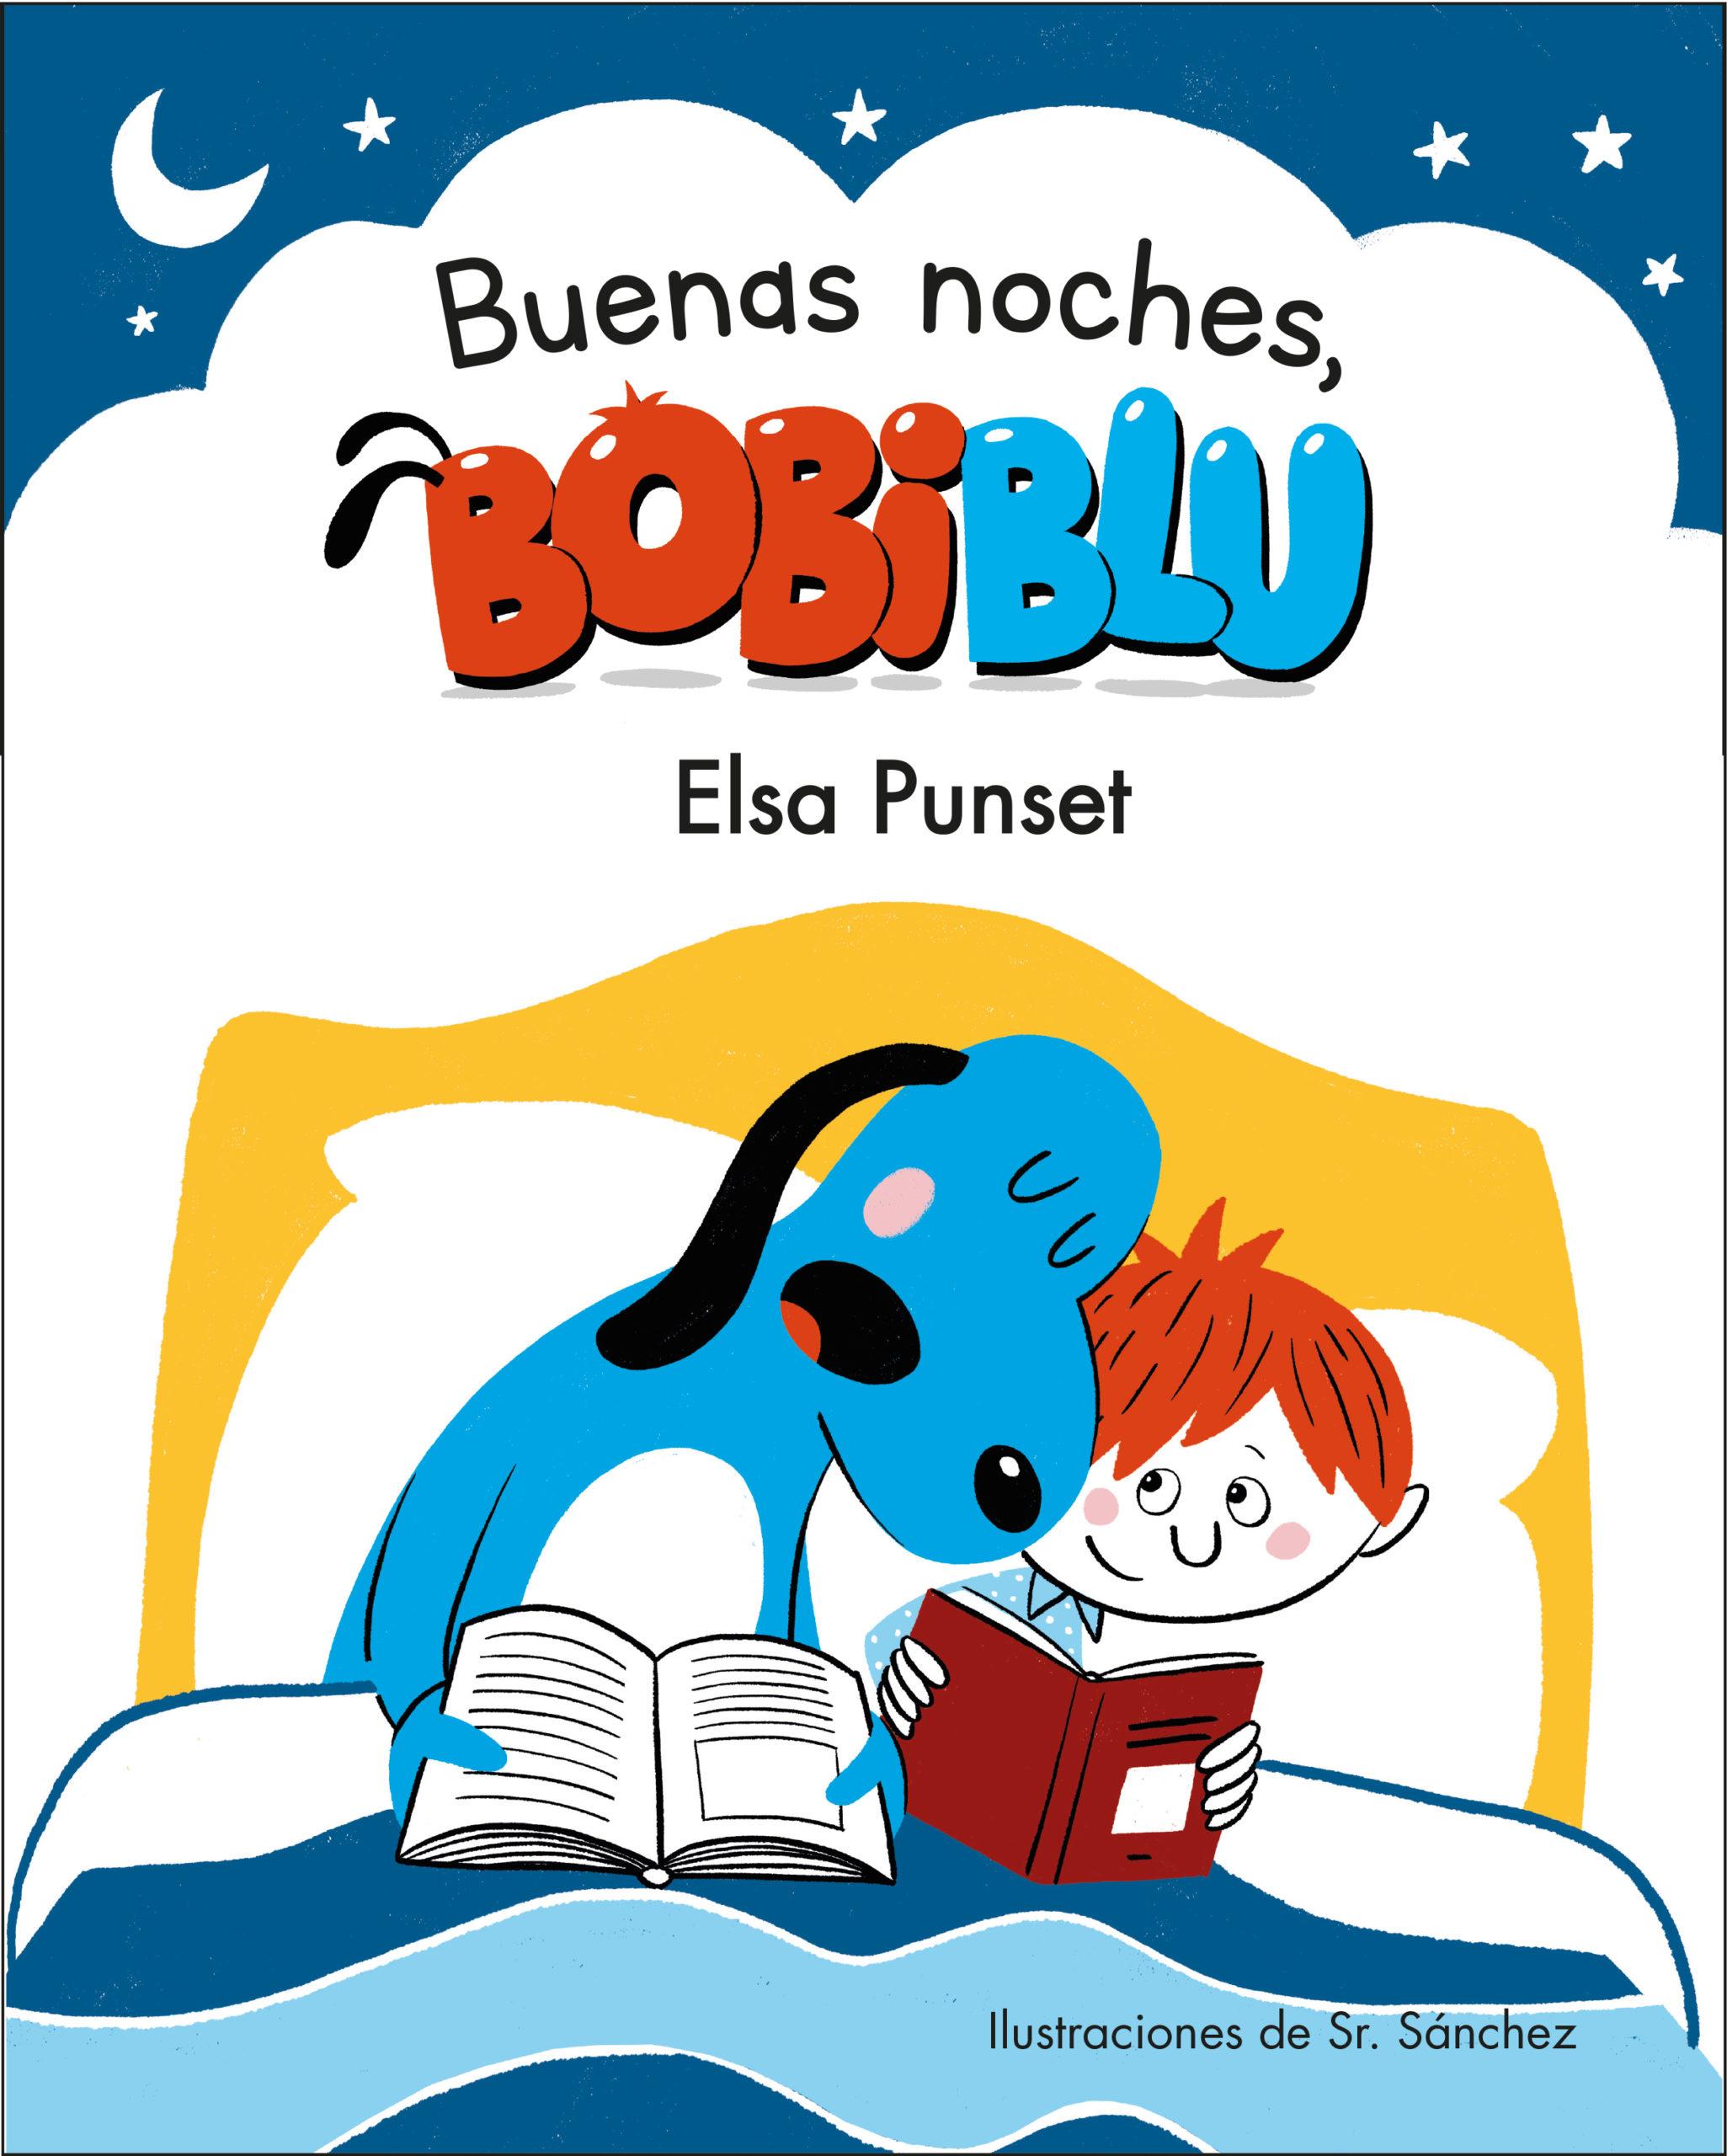 ¡Buenas noches, Bobiblú! - Elsa Punset/Sr. Sánchez